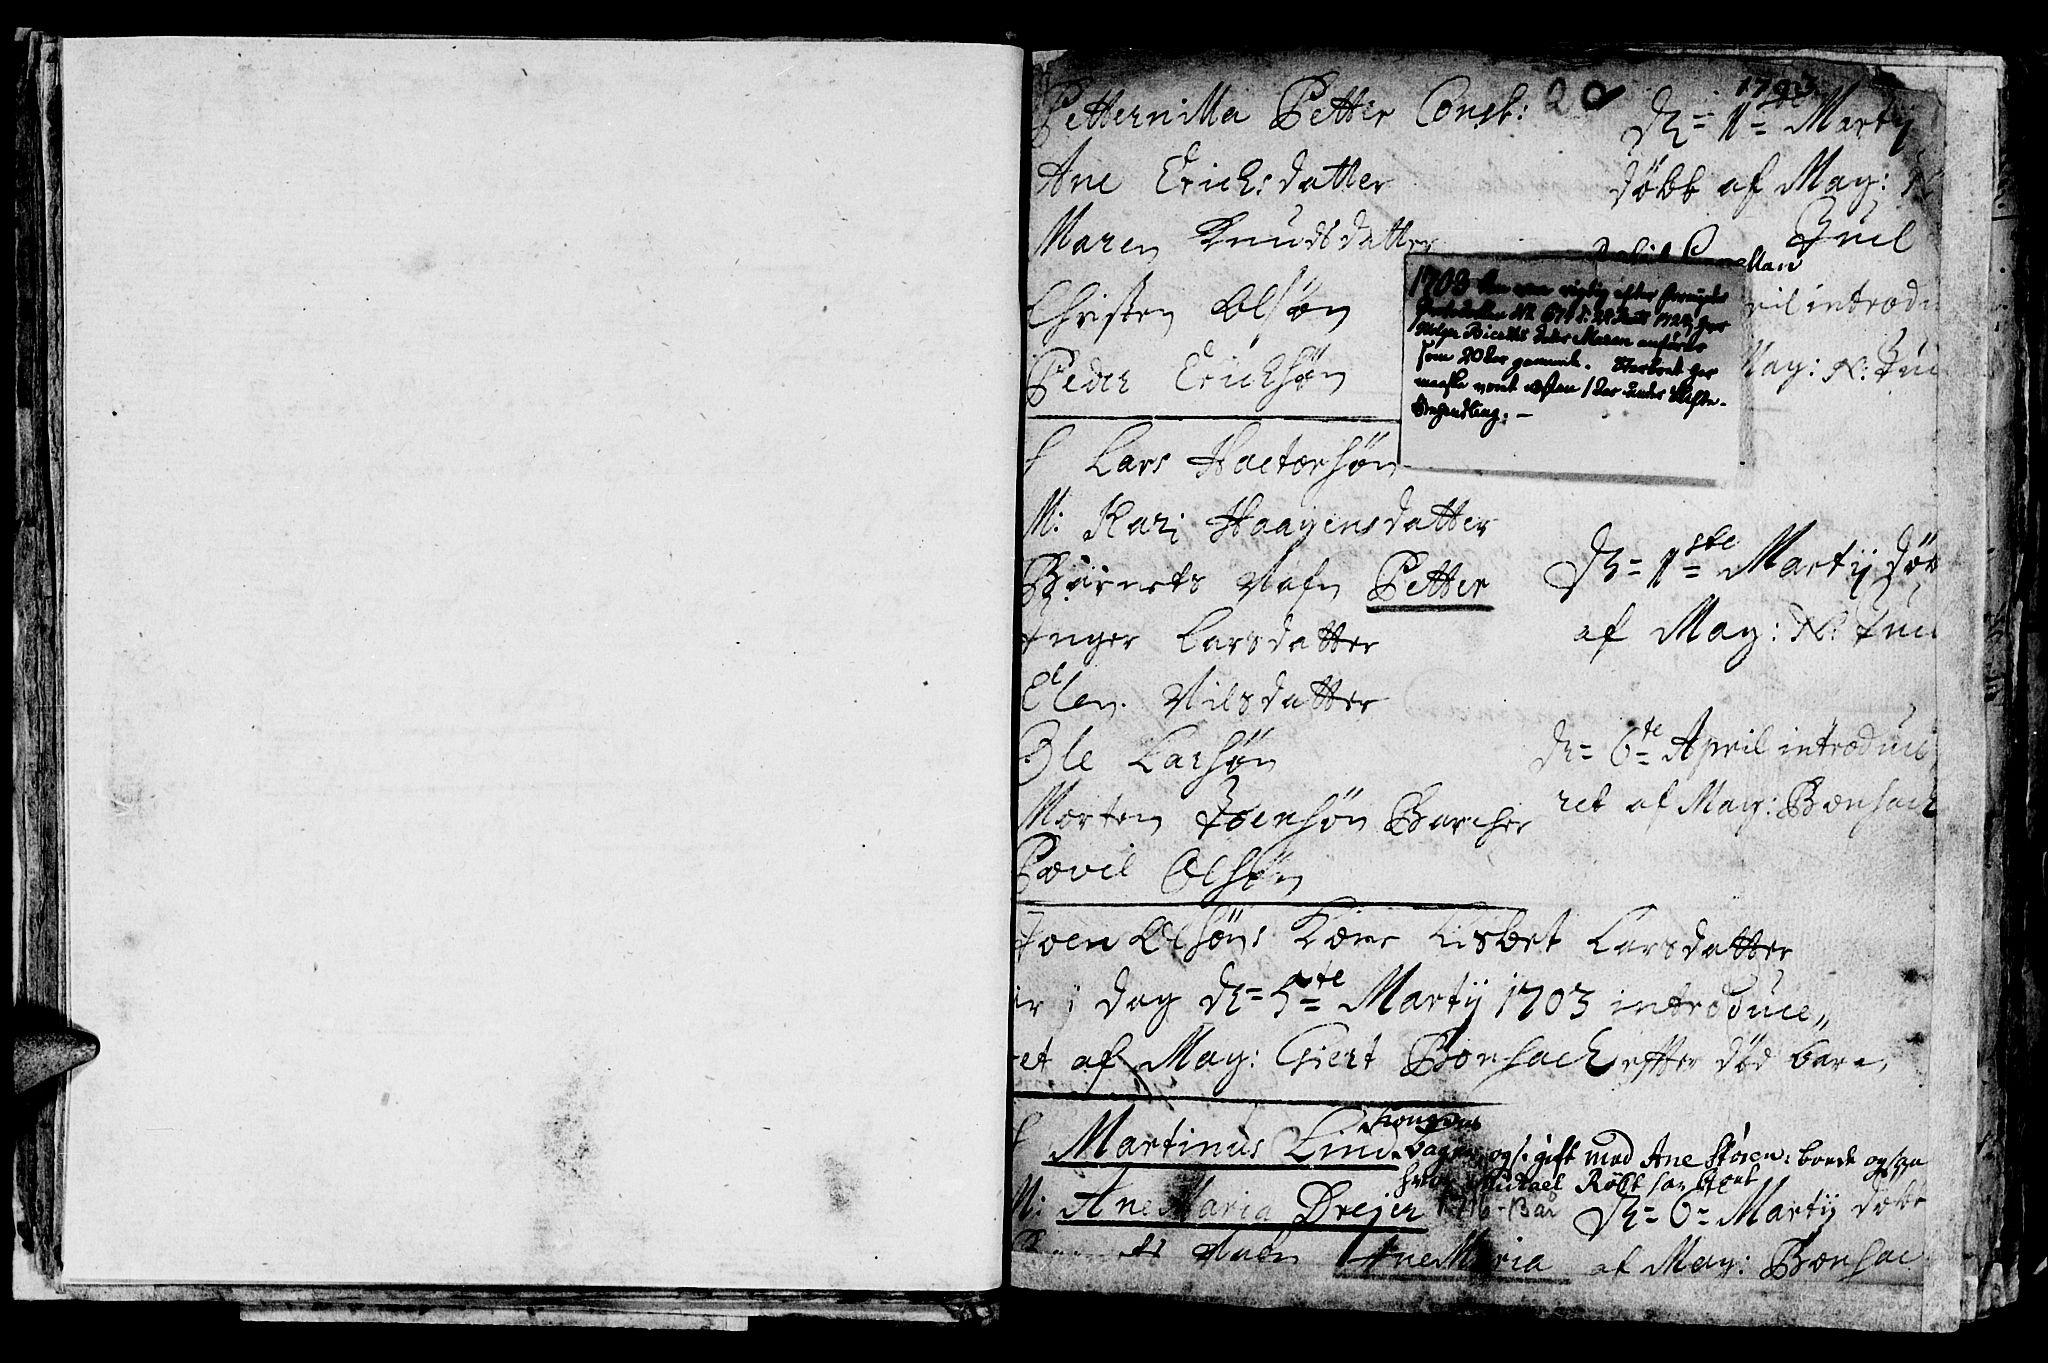 SAT, Ministerialprotokoller, klokkerbøker og fødselsregistre - Sør-Trøndelag, 601/L0034: Ministerialbok nr. 601A02, 1702-1714, s. 20b